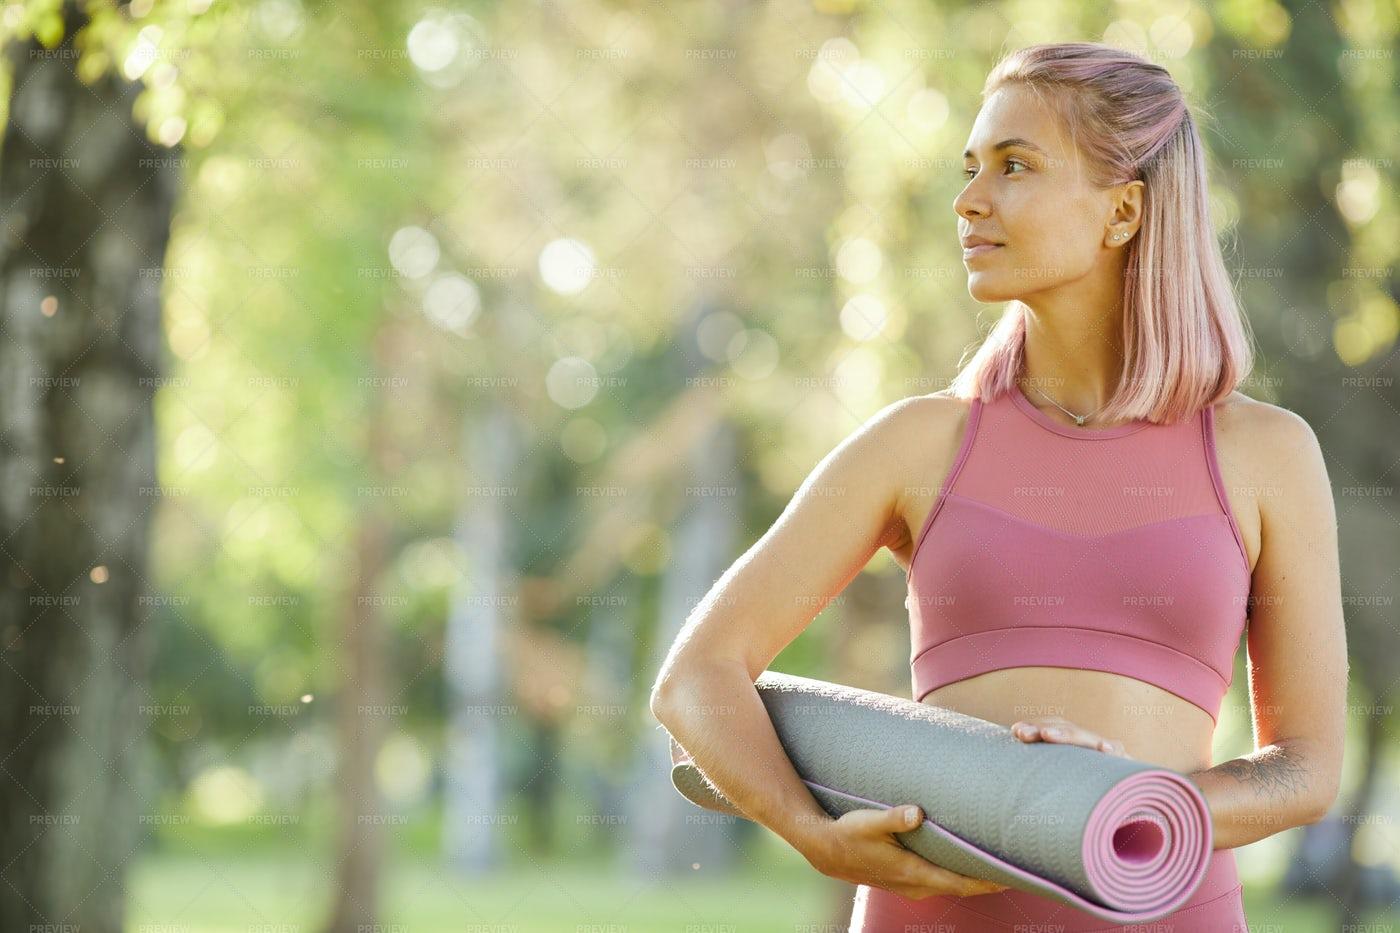 Woman With An Exercise Mat: Stock Photos